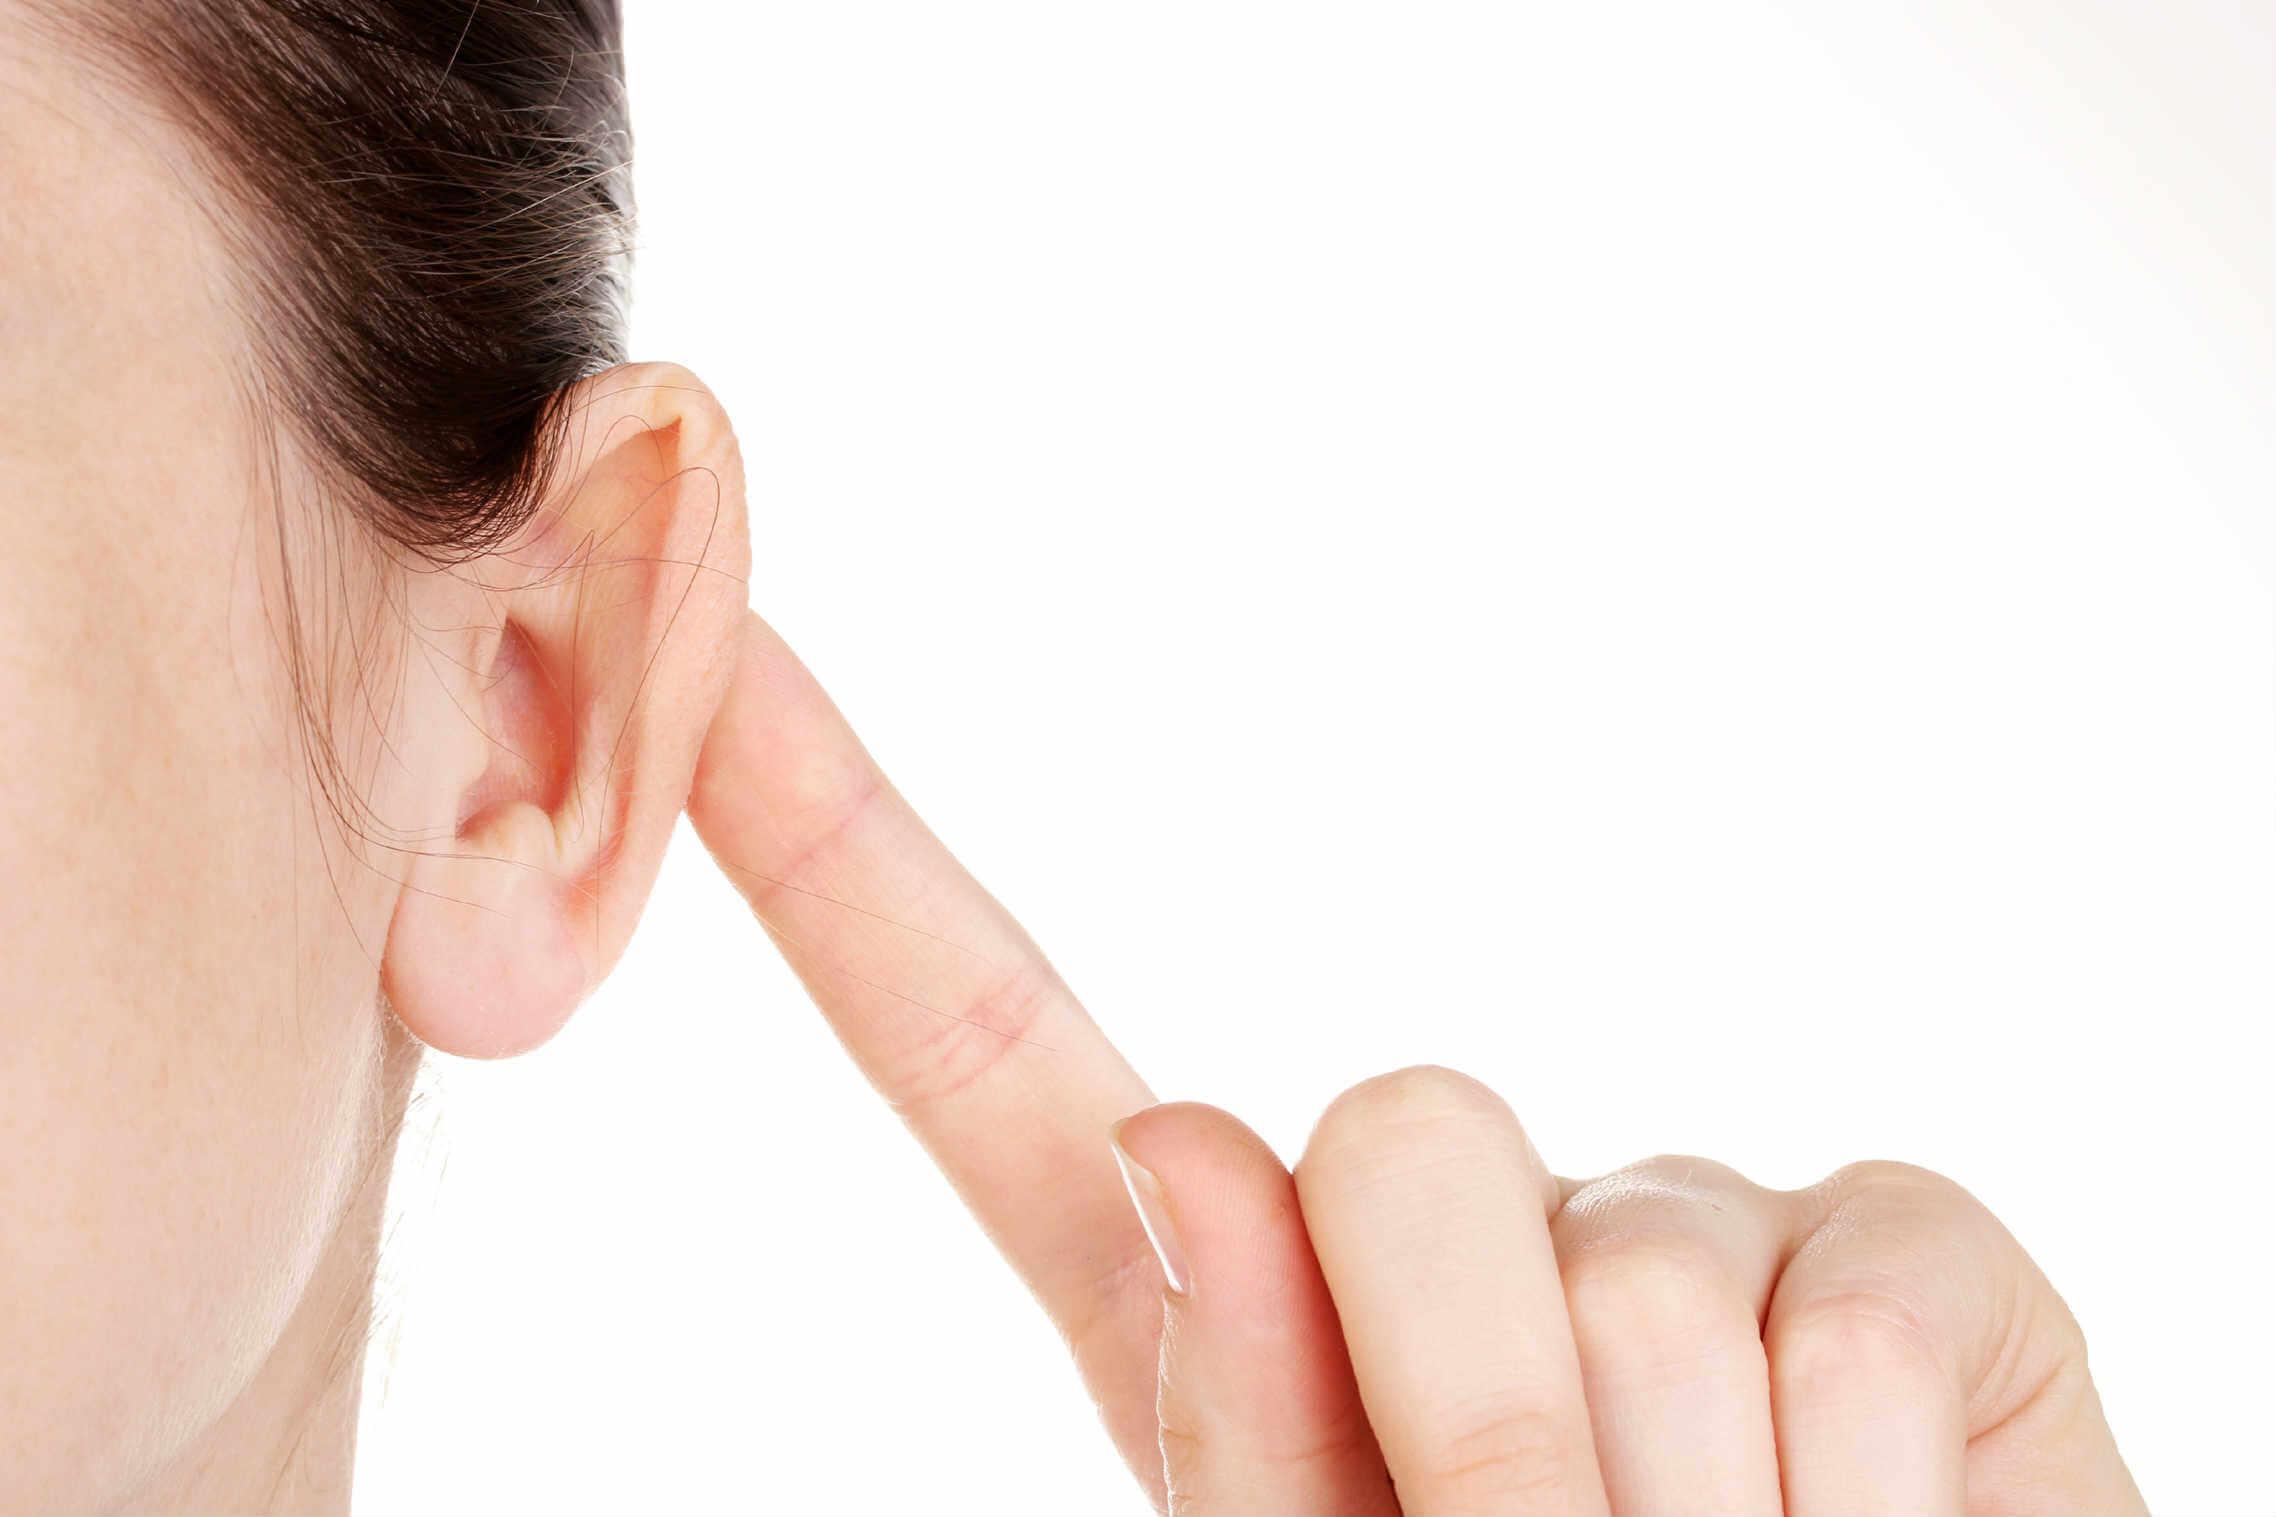 Zumbido Nos Ouvidos? Pode Ser Uma Mensagem Do Reino Espiritual! CONFIRA!